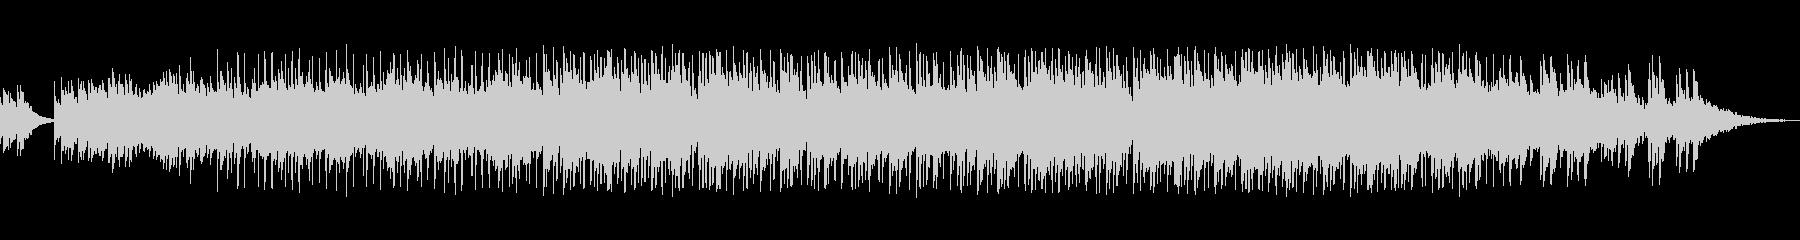 多くの状況で理想的な音楽(例:友人...の未再生の波形